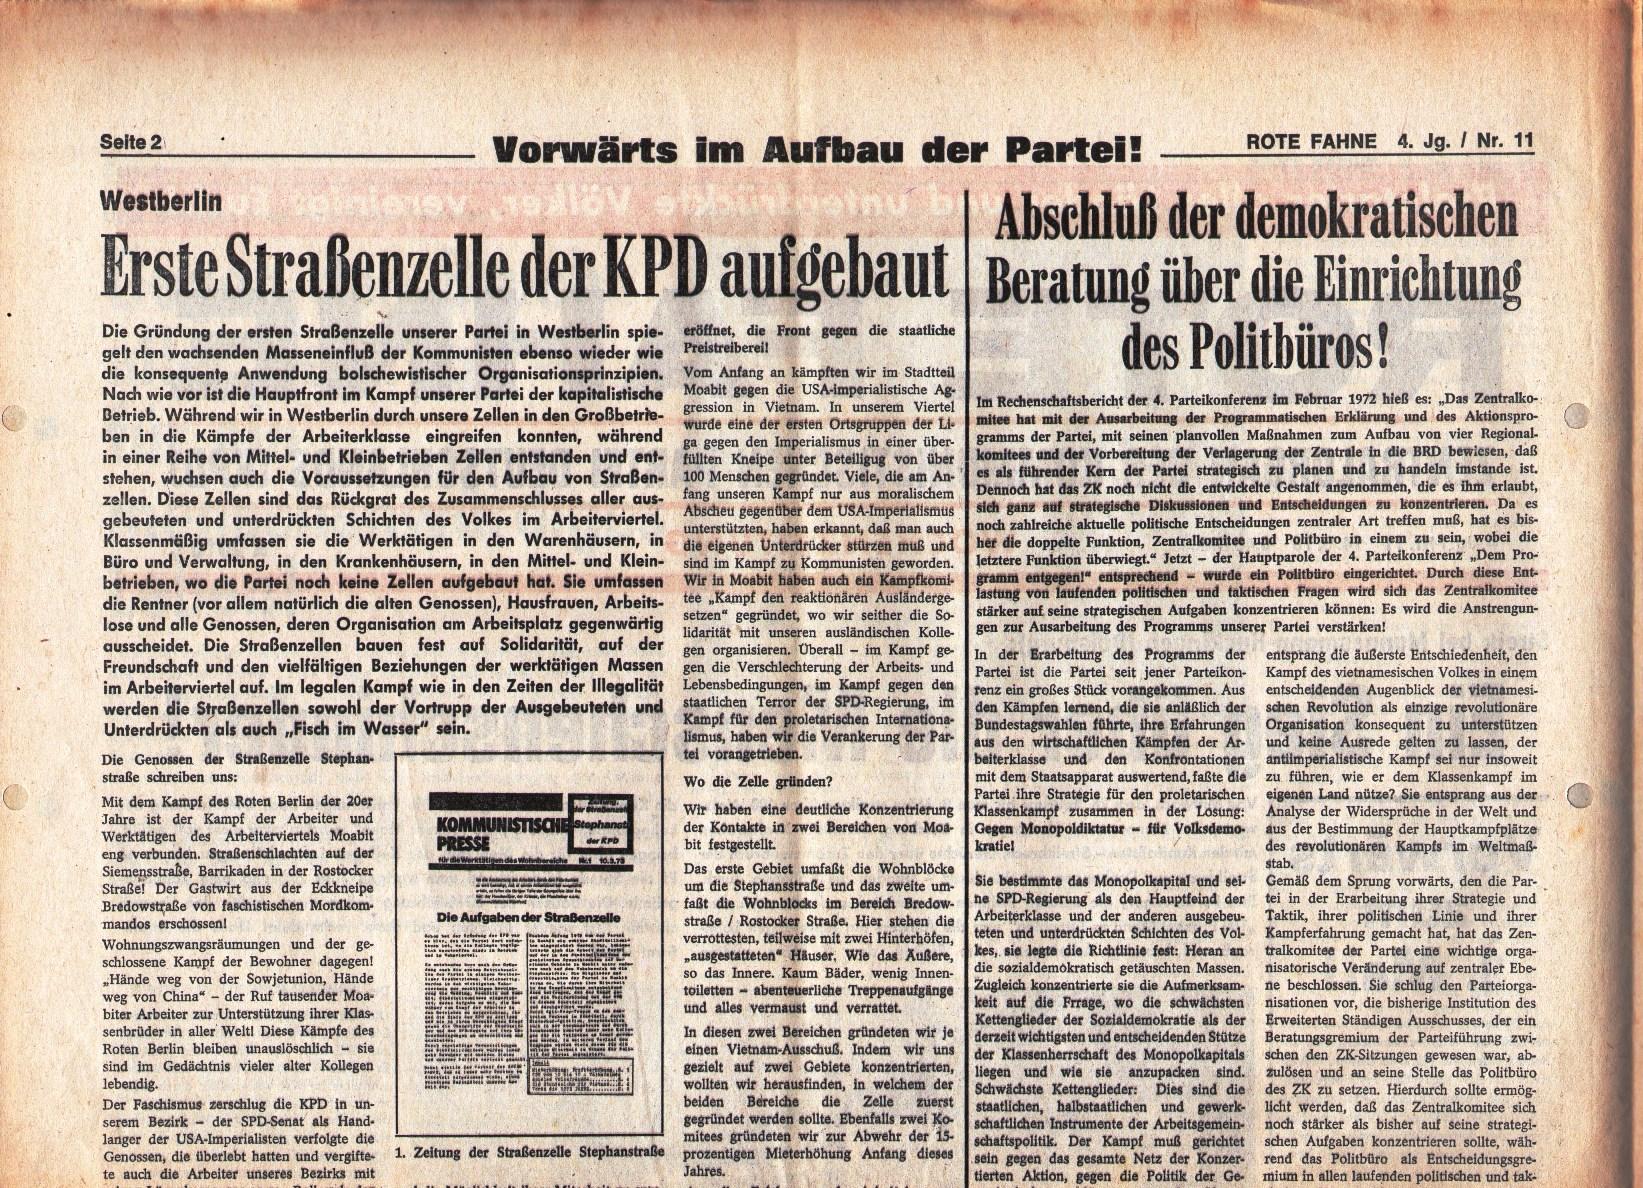 KPD_Rote_Fahne_1973_11_03